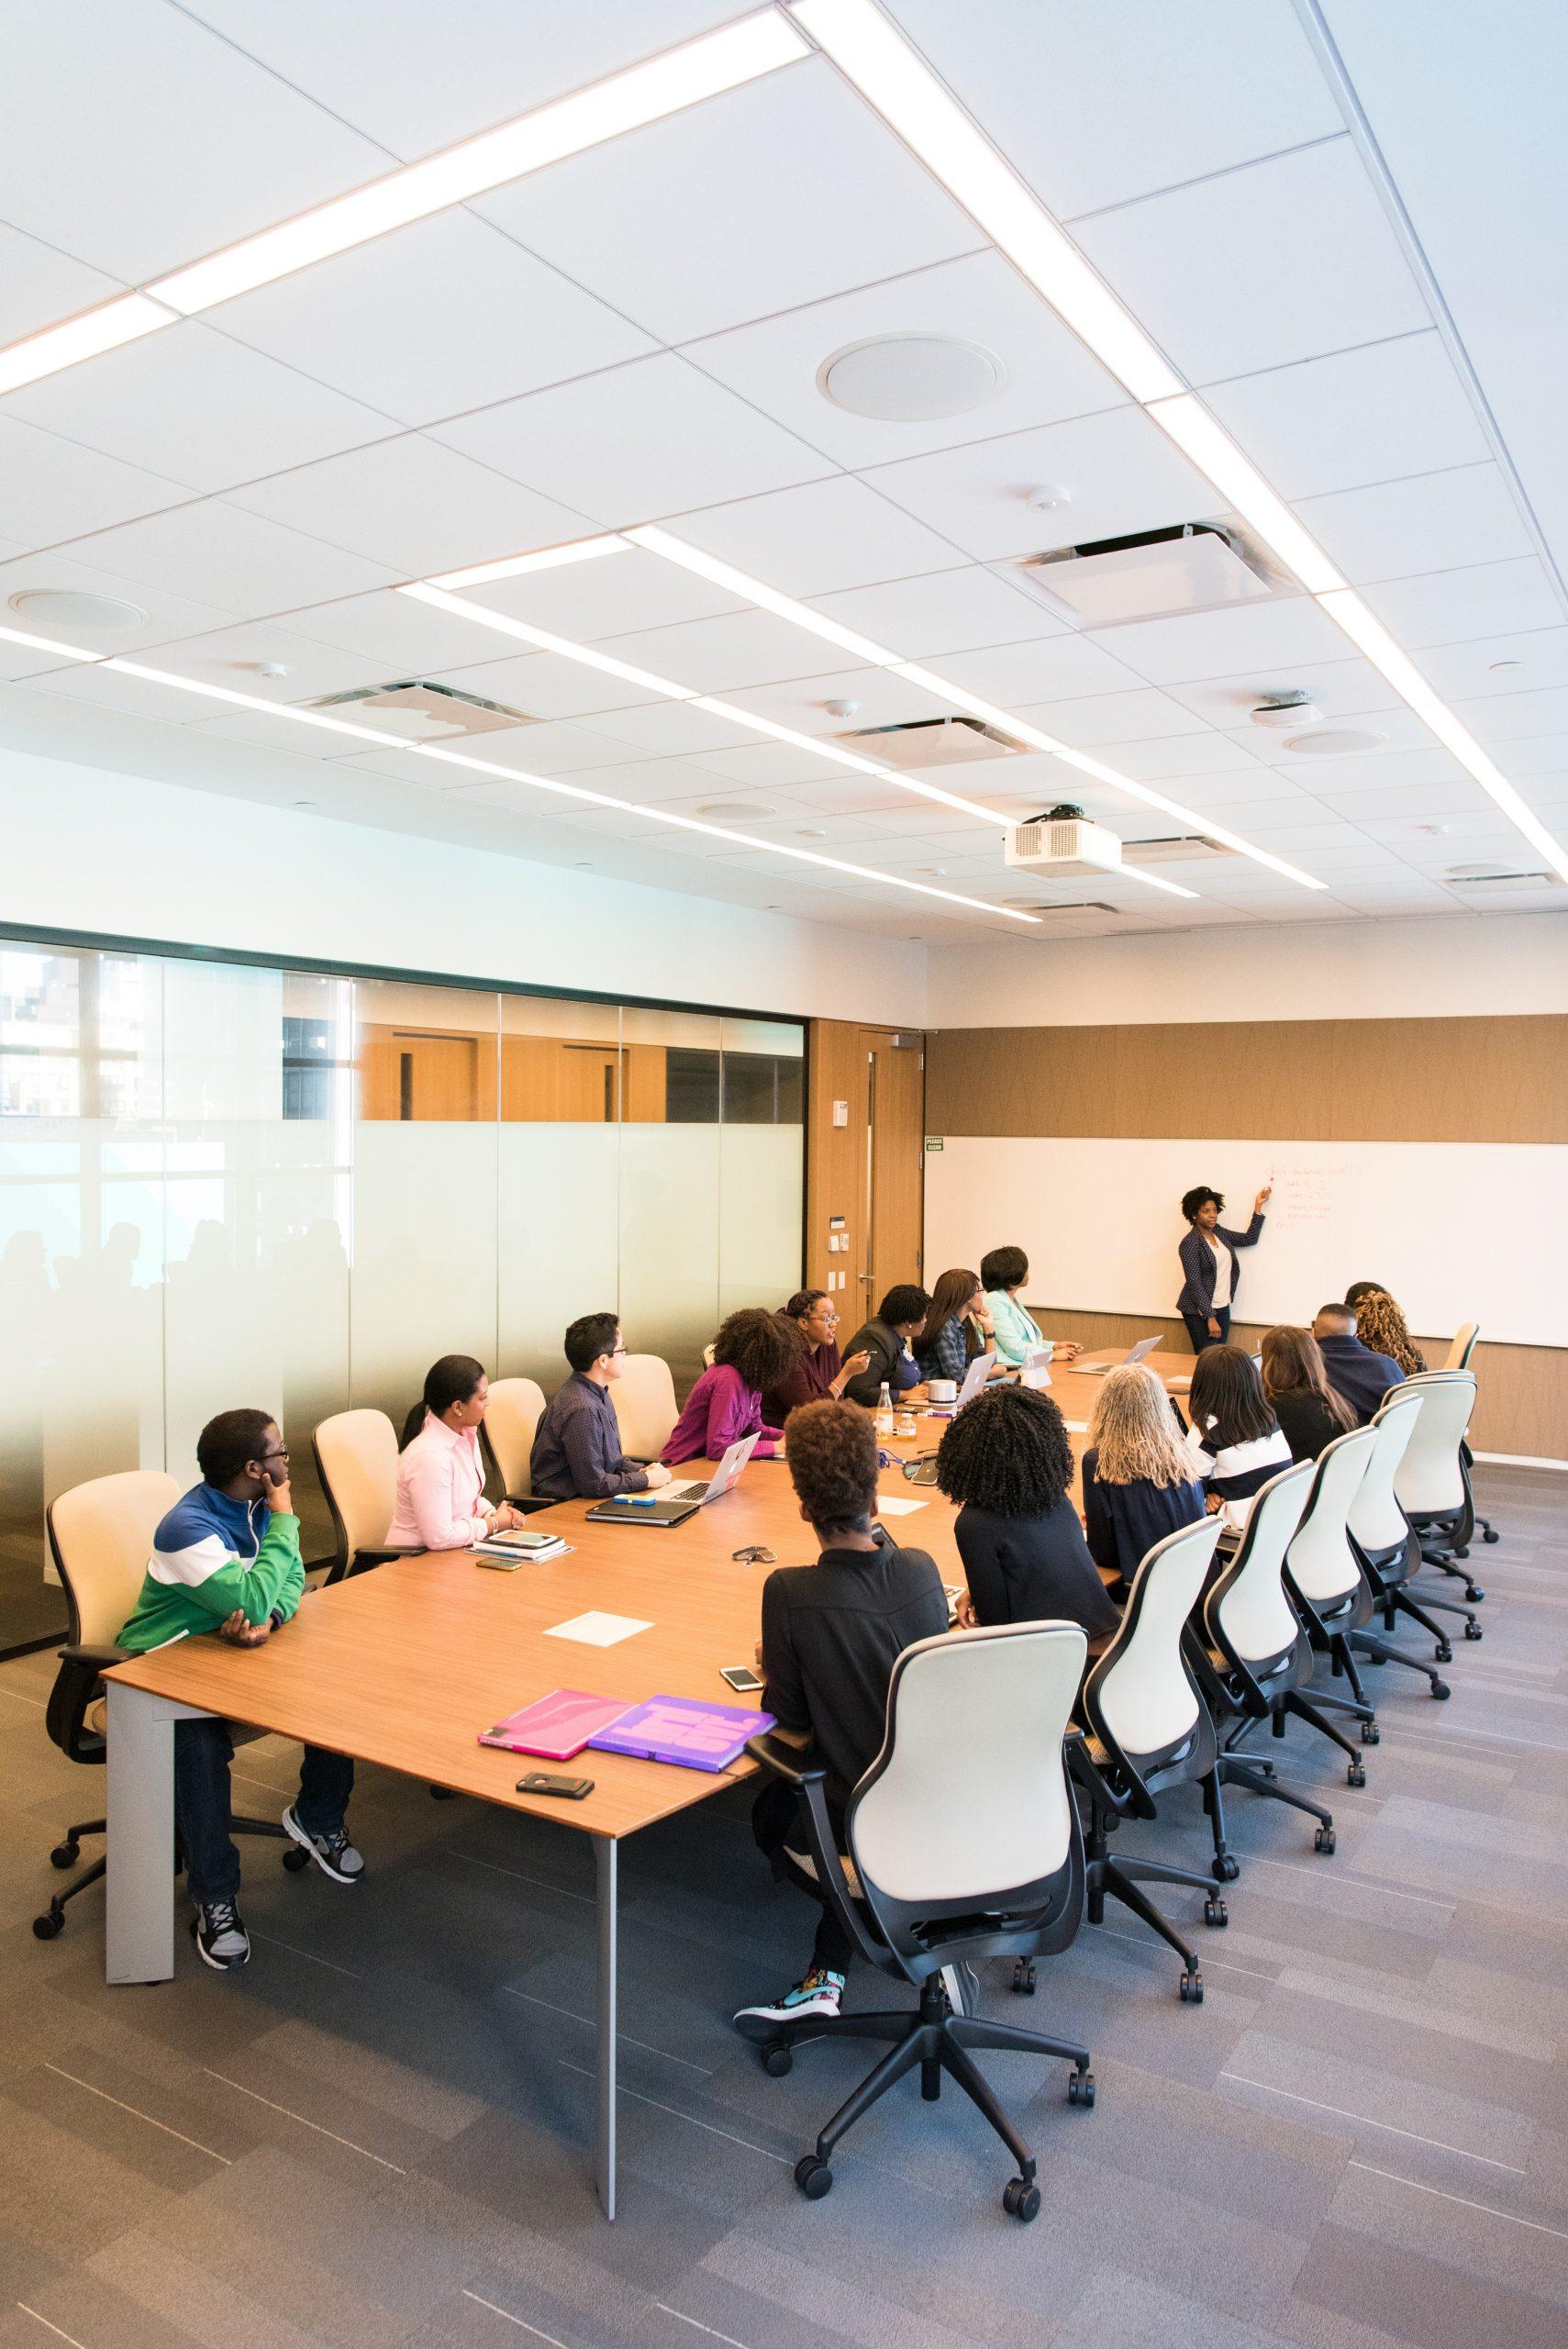 Immagine Corporate academy, avamposto della formazione manageriale